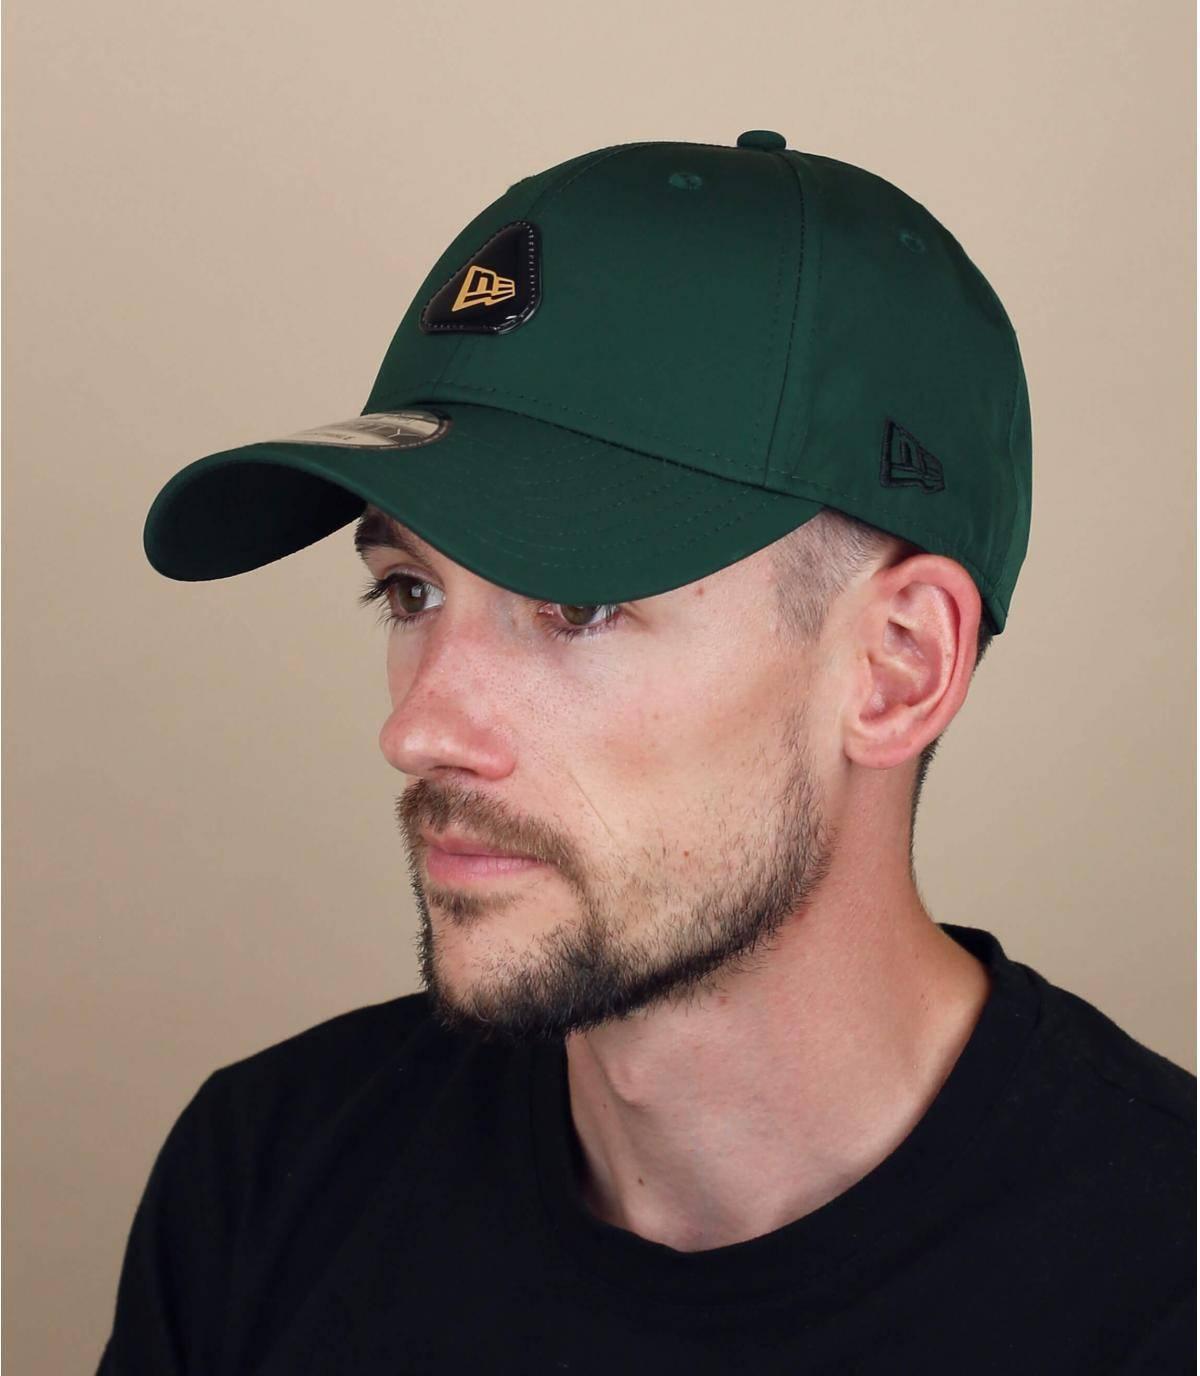 gorra New Era verde